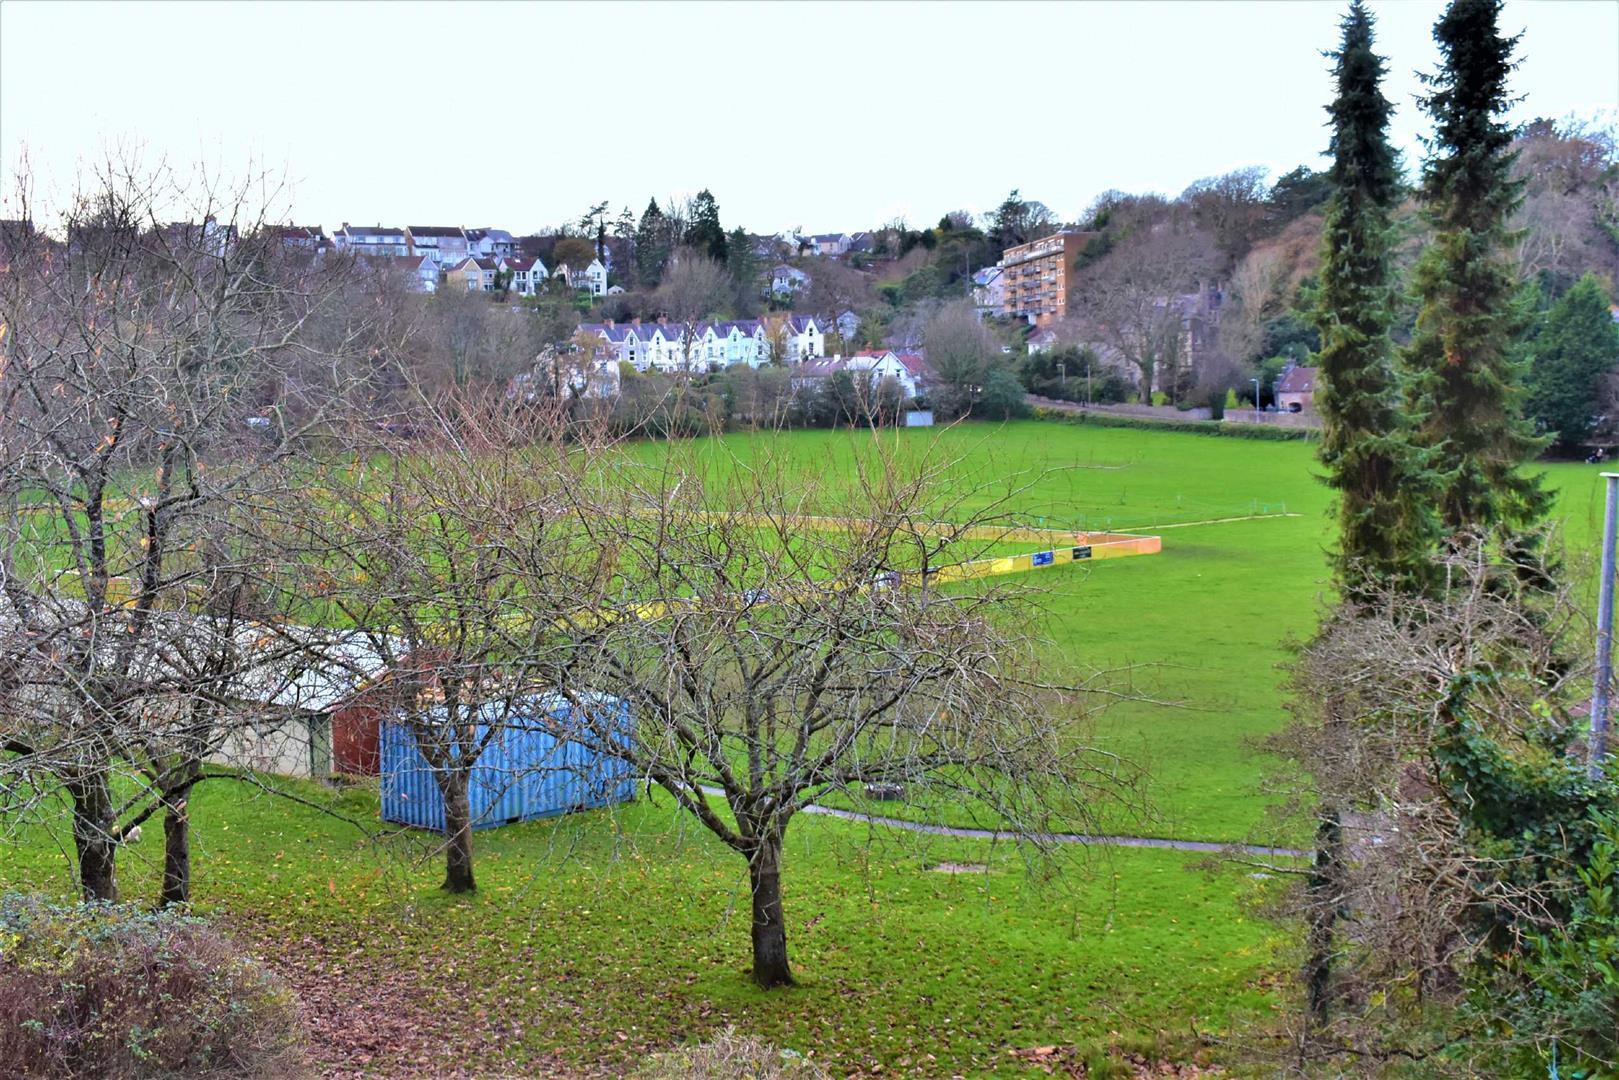 16 Langland Road, Langland, Swansea, SA3 4LX